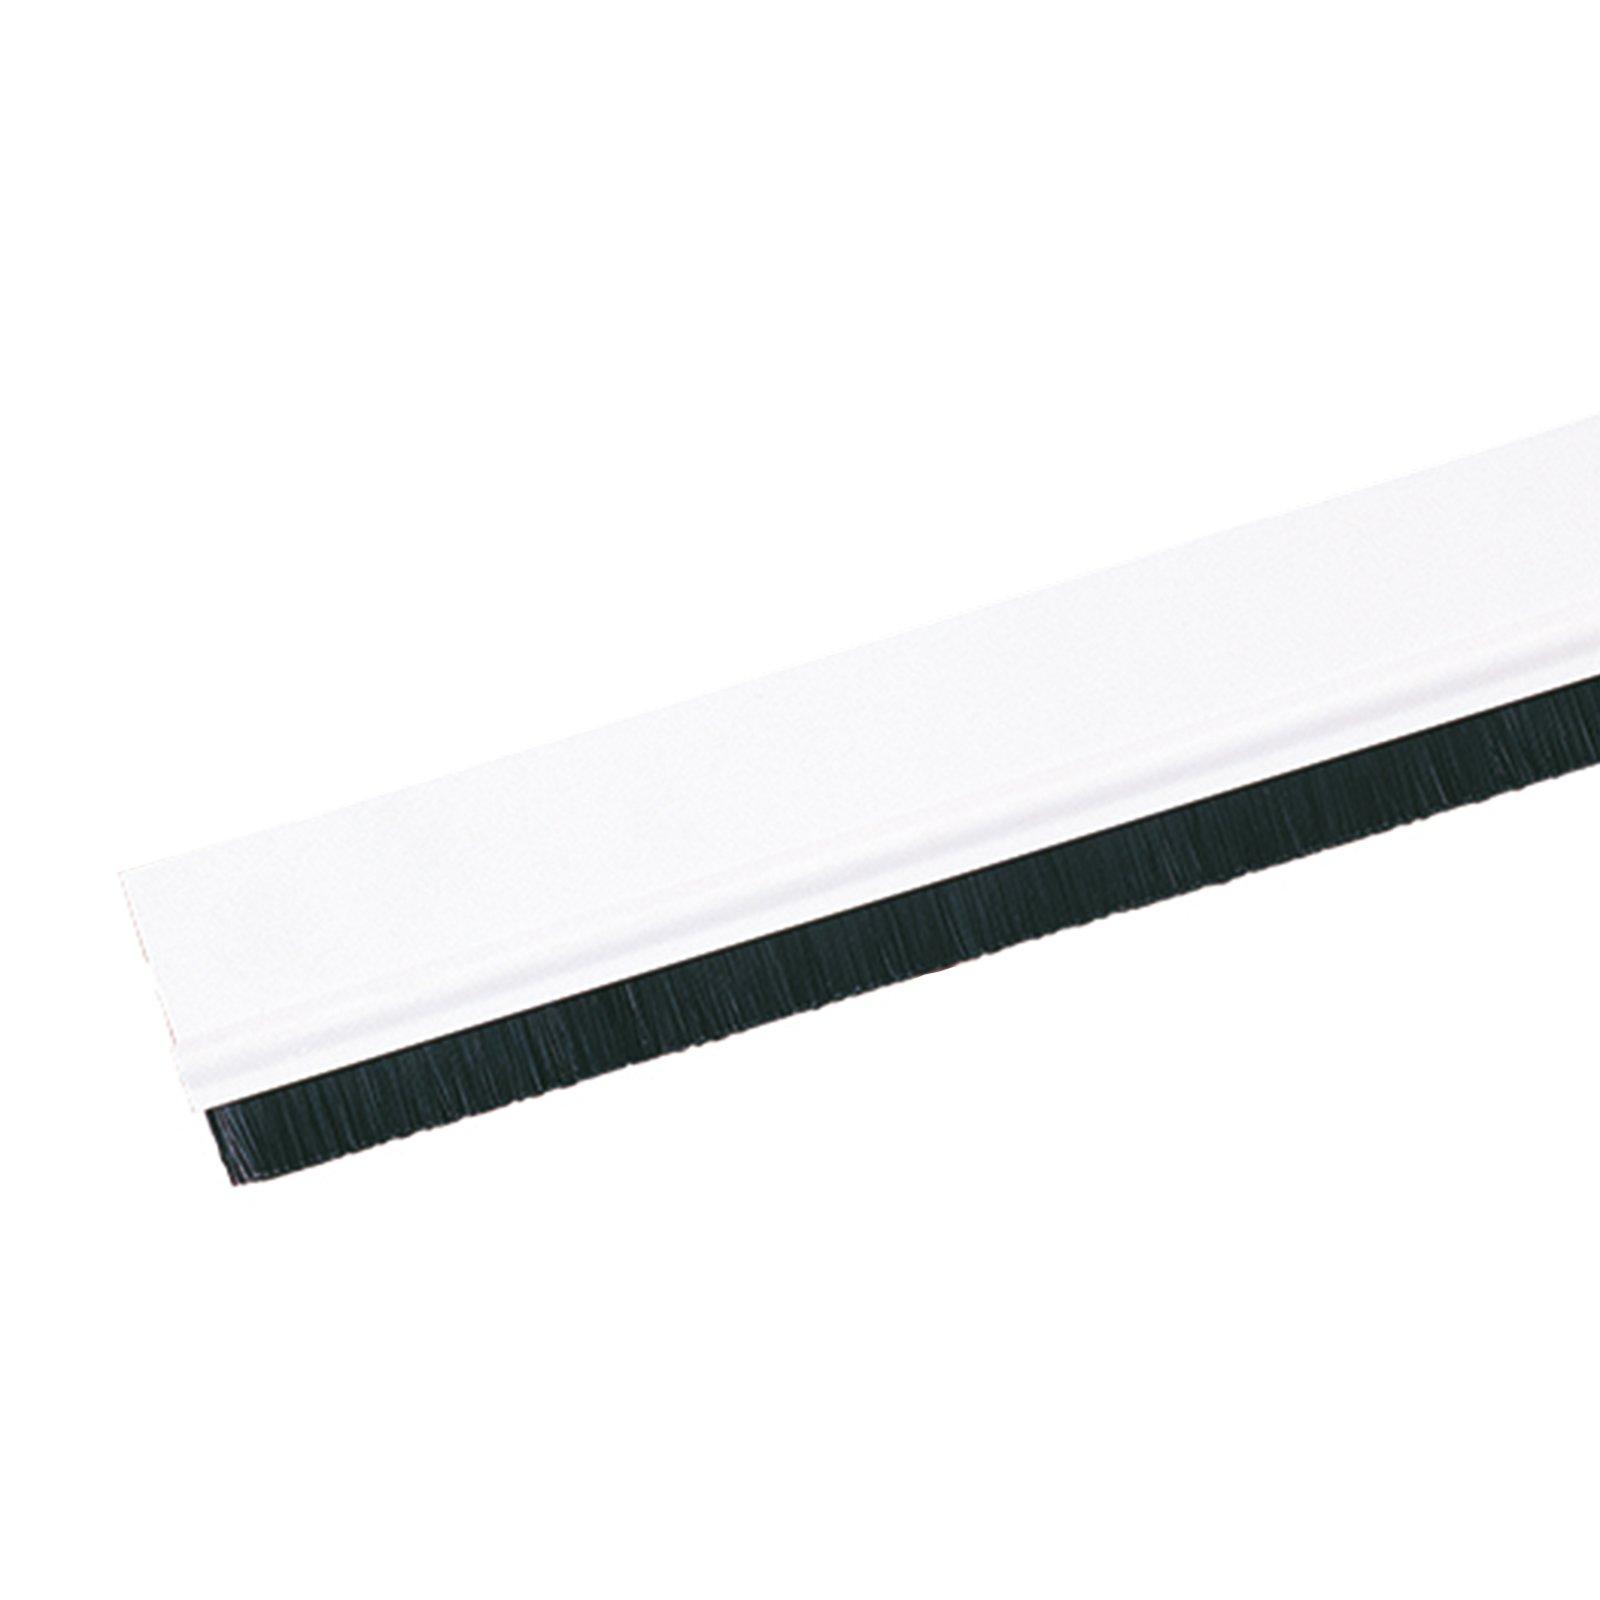 Türbürstendichtung SK - weiß - 100 cm